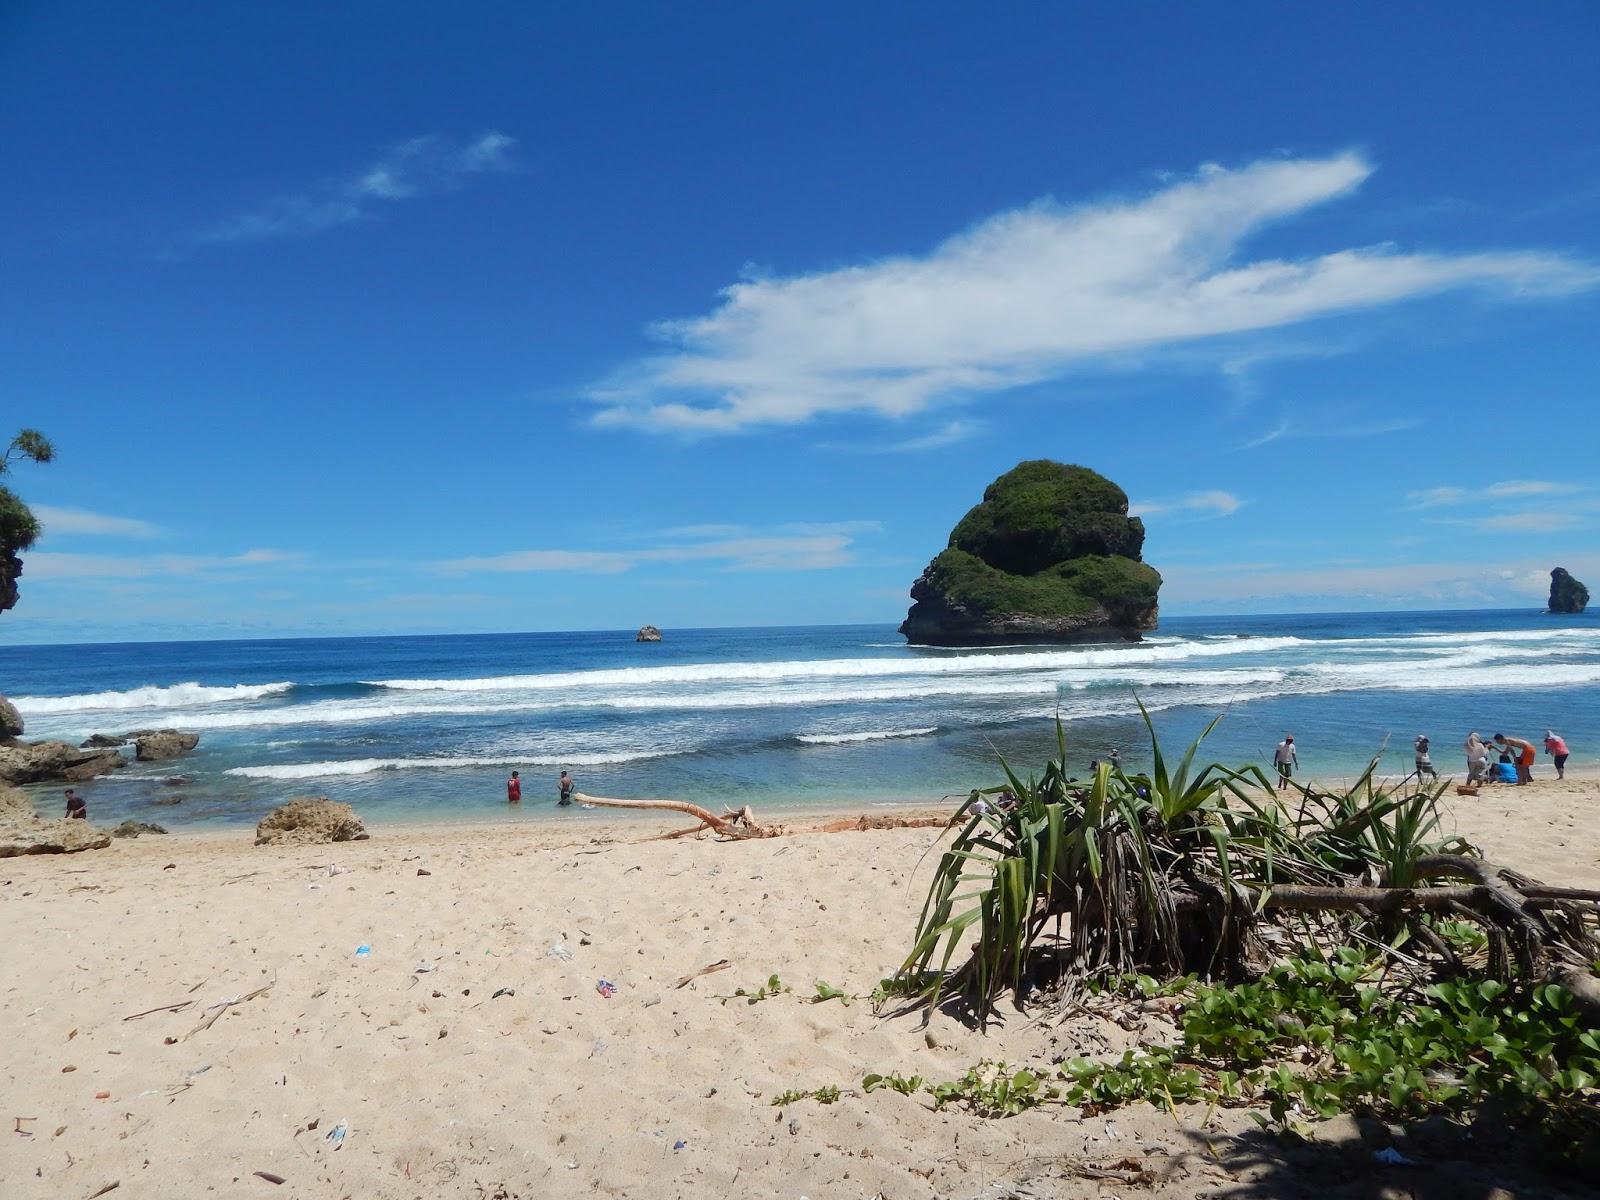 Pantai Goa Cina Kabupaten Malang Dunia Cerita Gebby Sandri 18